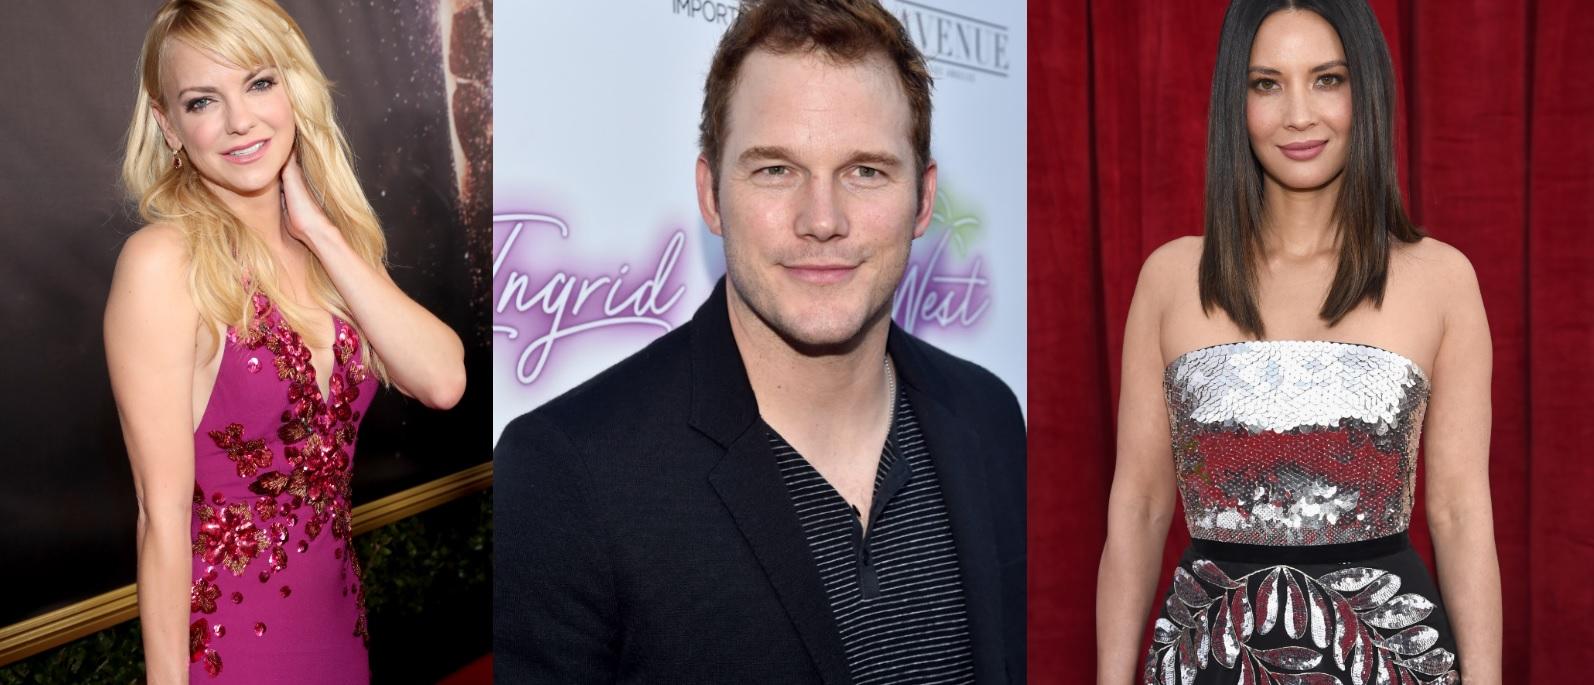 Após boatos de namoro com Chris Pratt, Olivia Munn mostra mensagens que trocou com Anna Faris